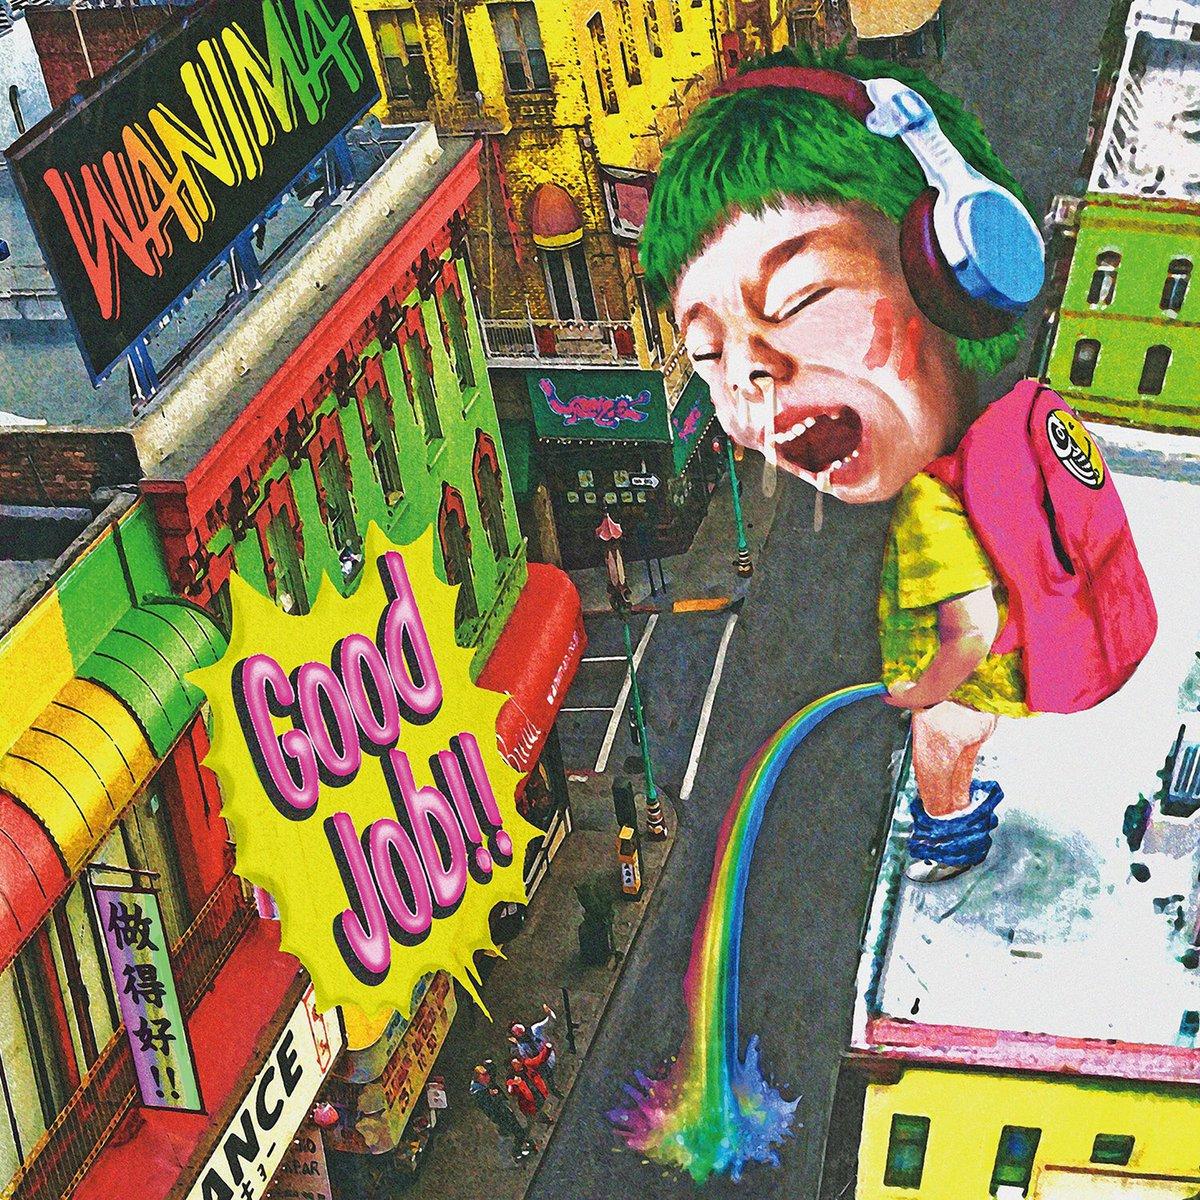 【新しいCDのフラゲ日】  本日は4thシングル  「Good Job!!」  フラゲ日‼︎  開催よろしくお願い致します‼︎  #WANIMA  #グッジョブ https://t.co/UTMnd3hBnn